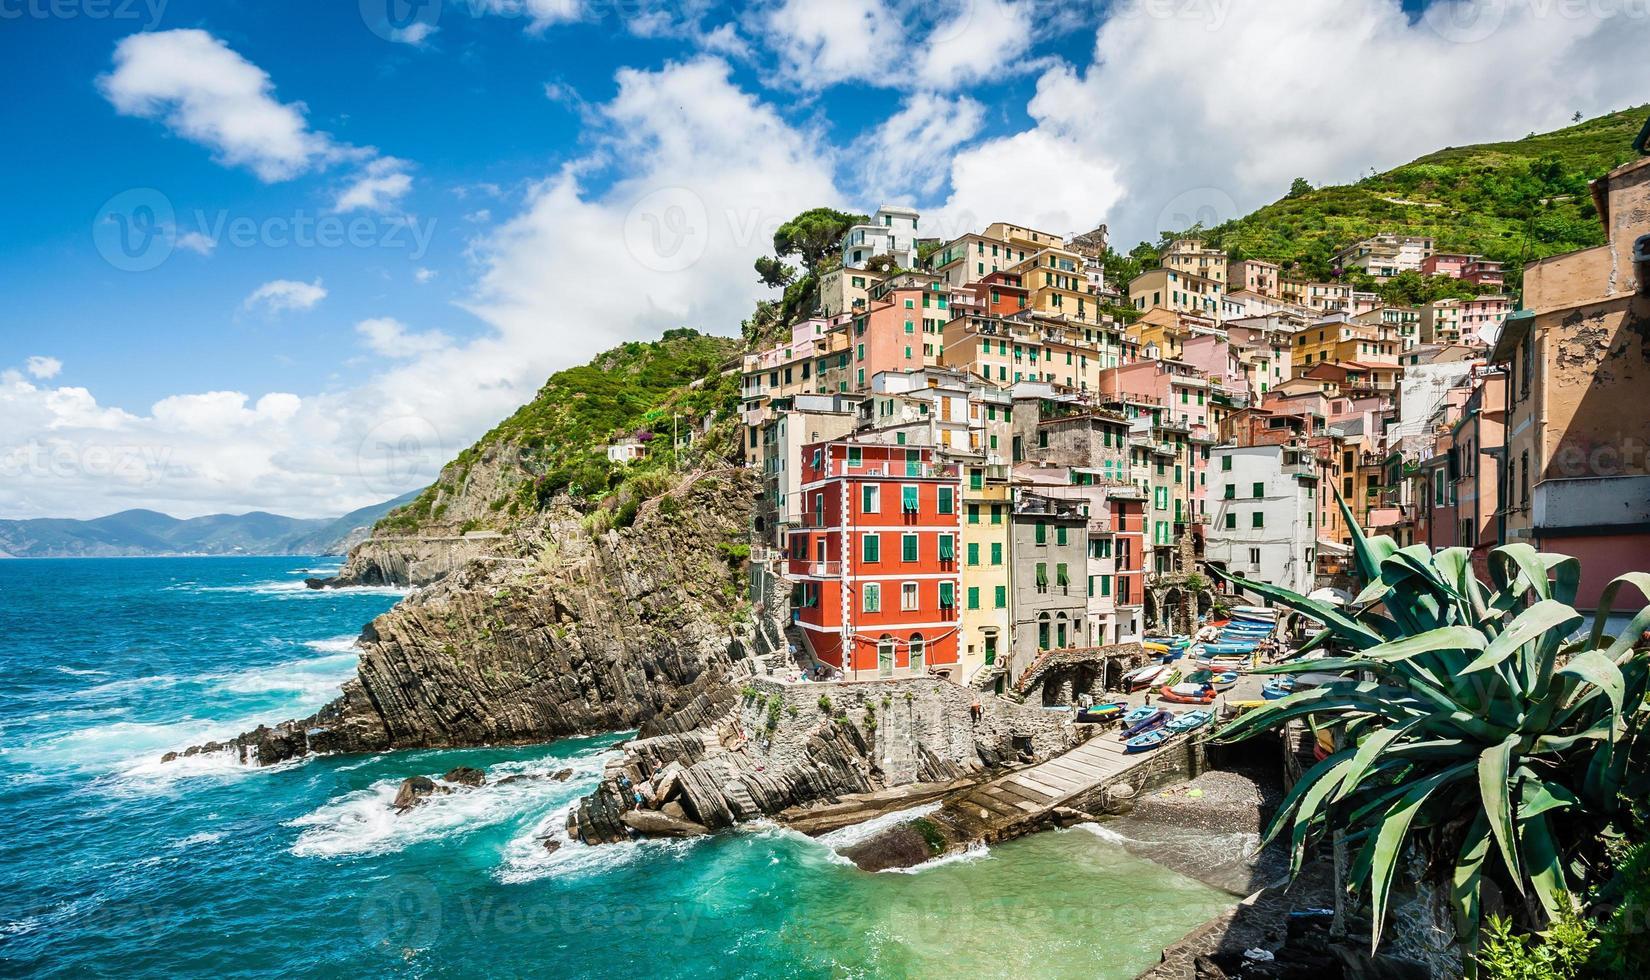 Pueblo de pescadores de Riomaggiore en Cinque Terre, Liguria, Italia foto